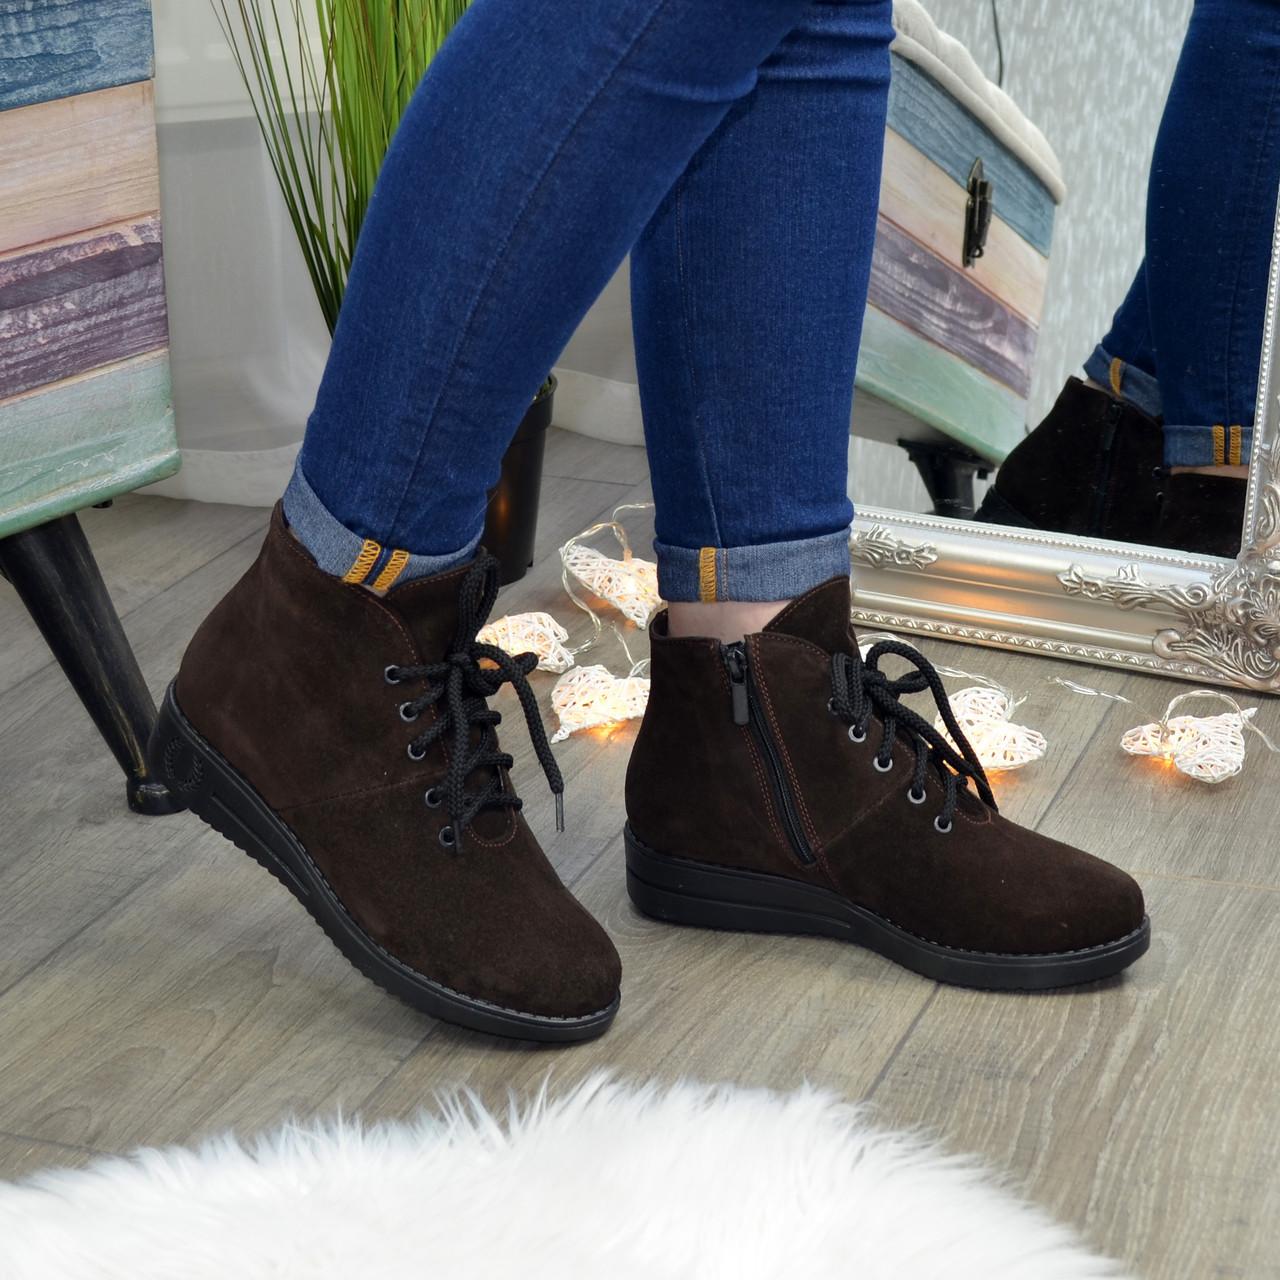 Черевики жіночі коричневі замшеві на шнурівці